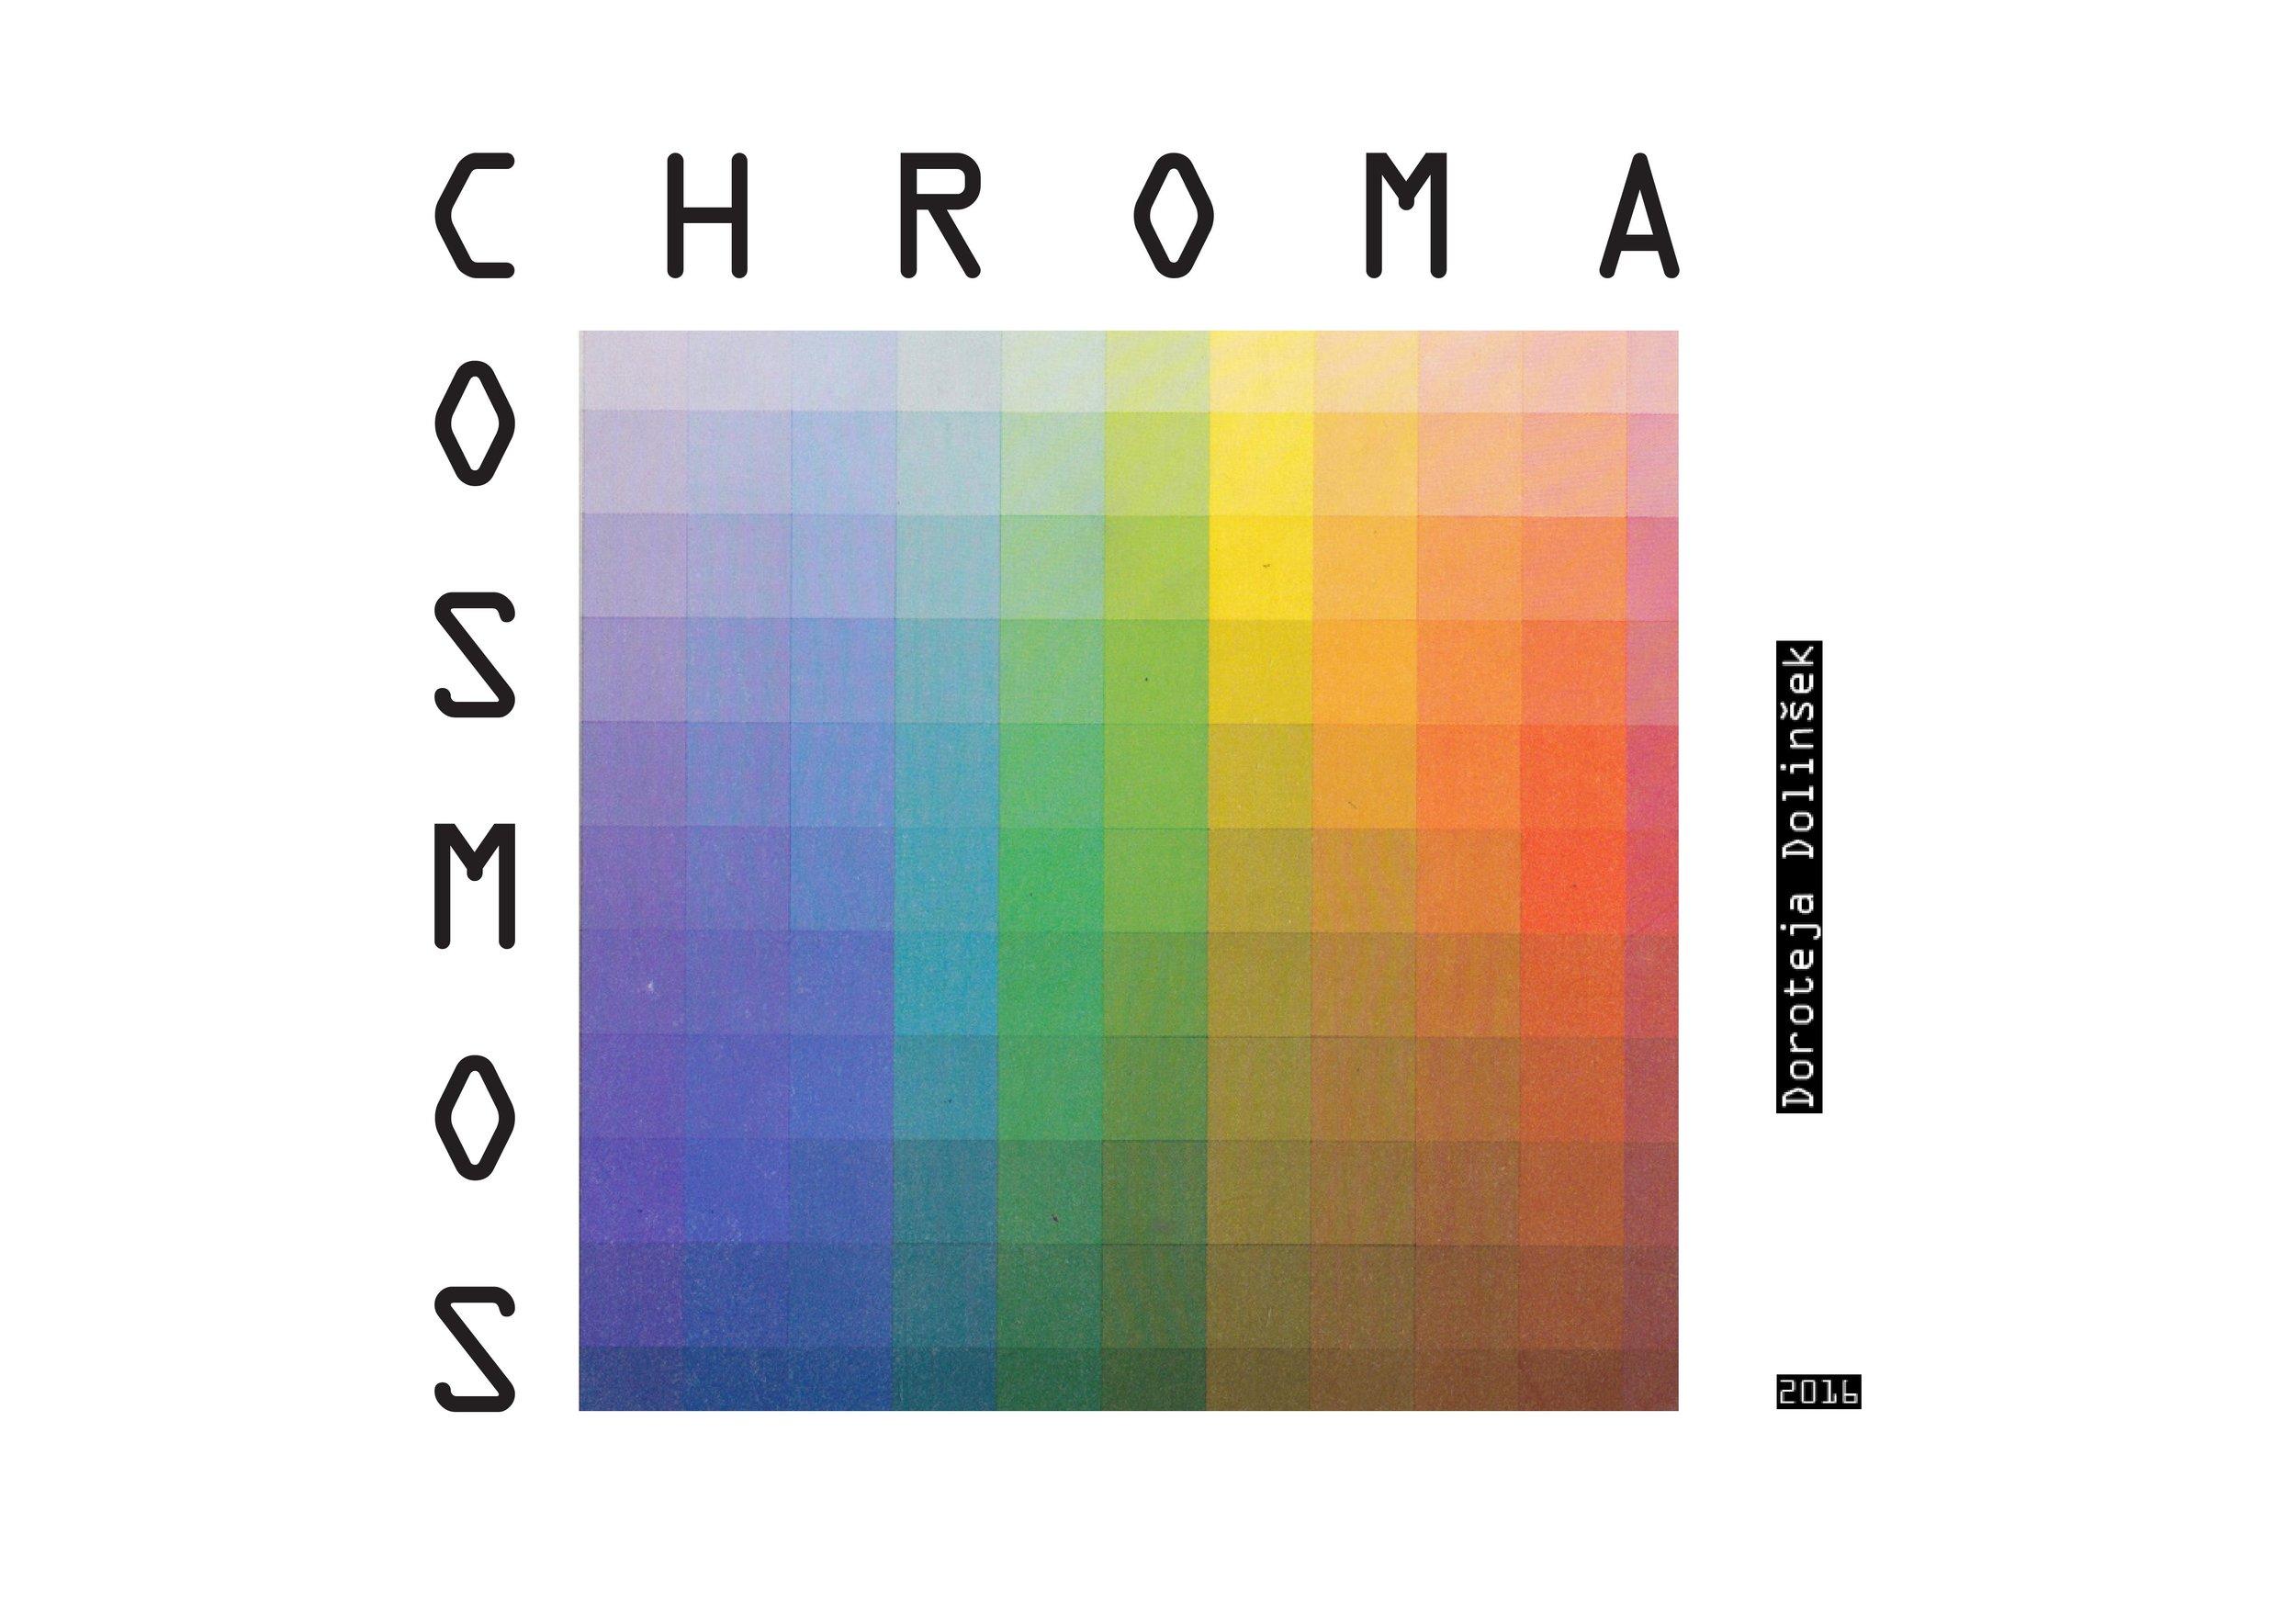 CHROMA COSMOS-page-001.jpg